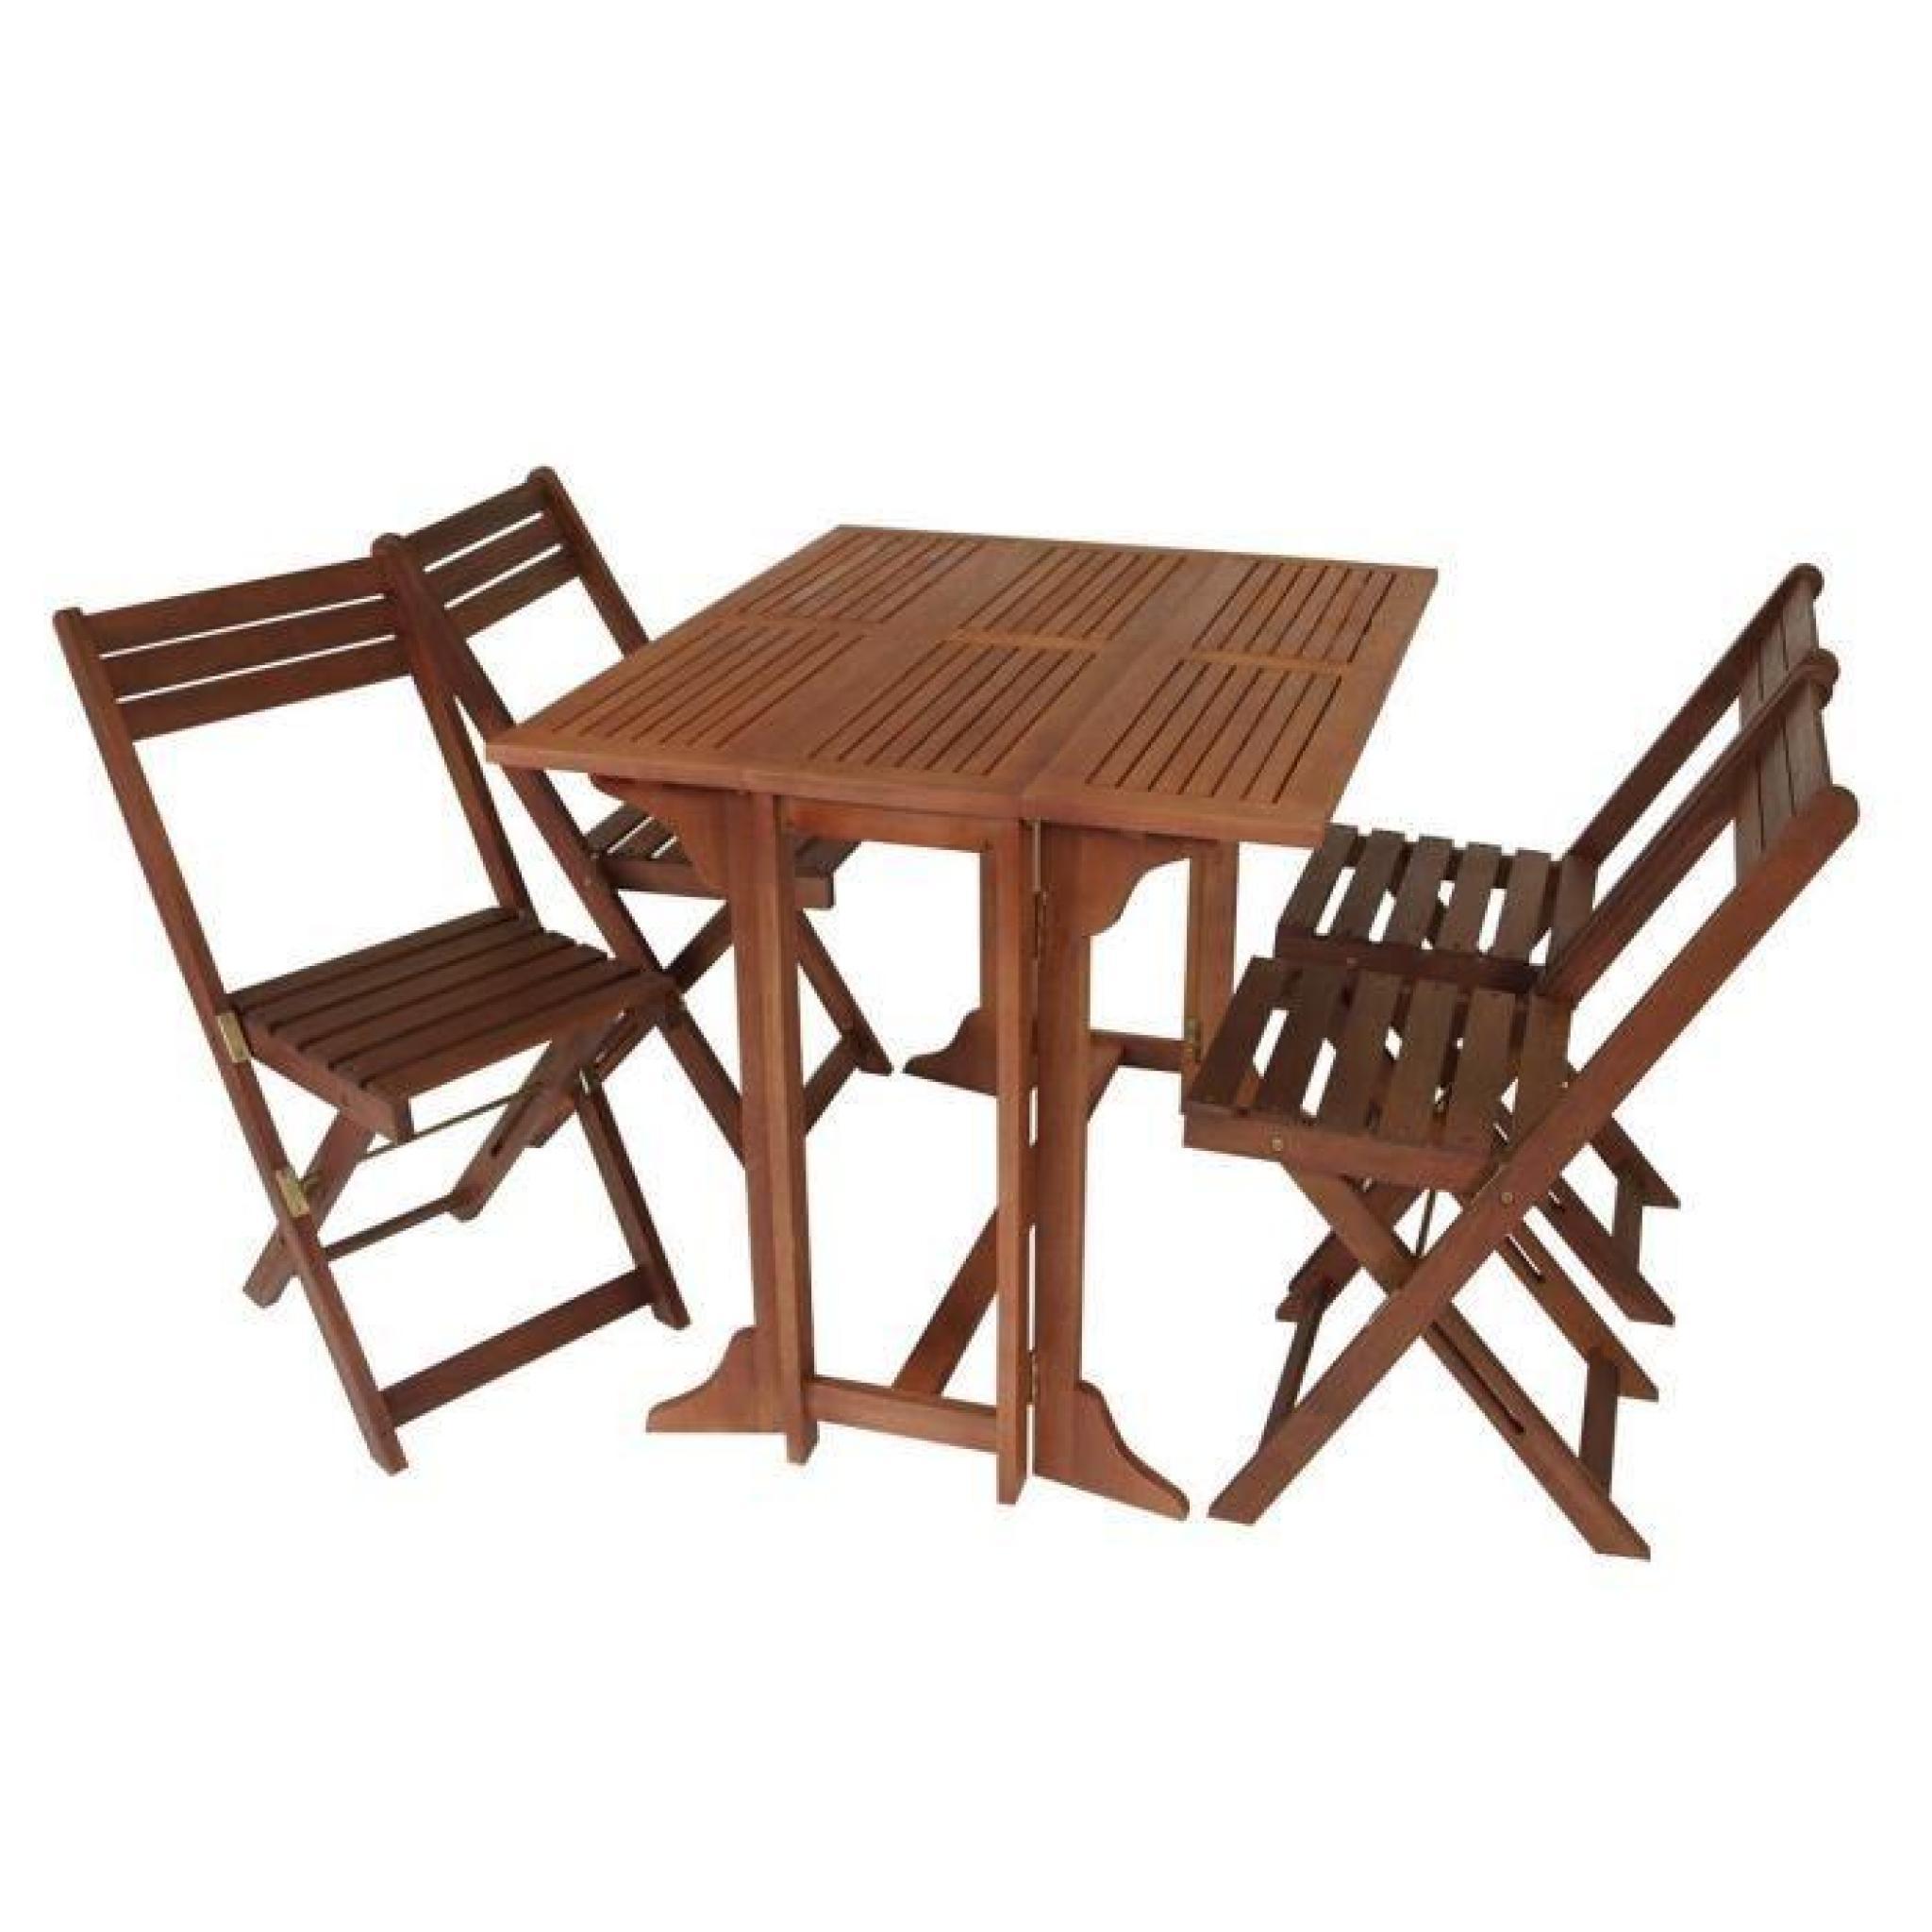 Set de jardin/balcon 4 chaises pliantes 1 table pliante bois d\'eucalyptus  huilé certifié FSC 90x75x74cm 39x51x82cm PEDRO